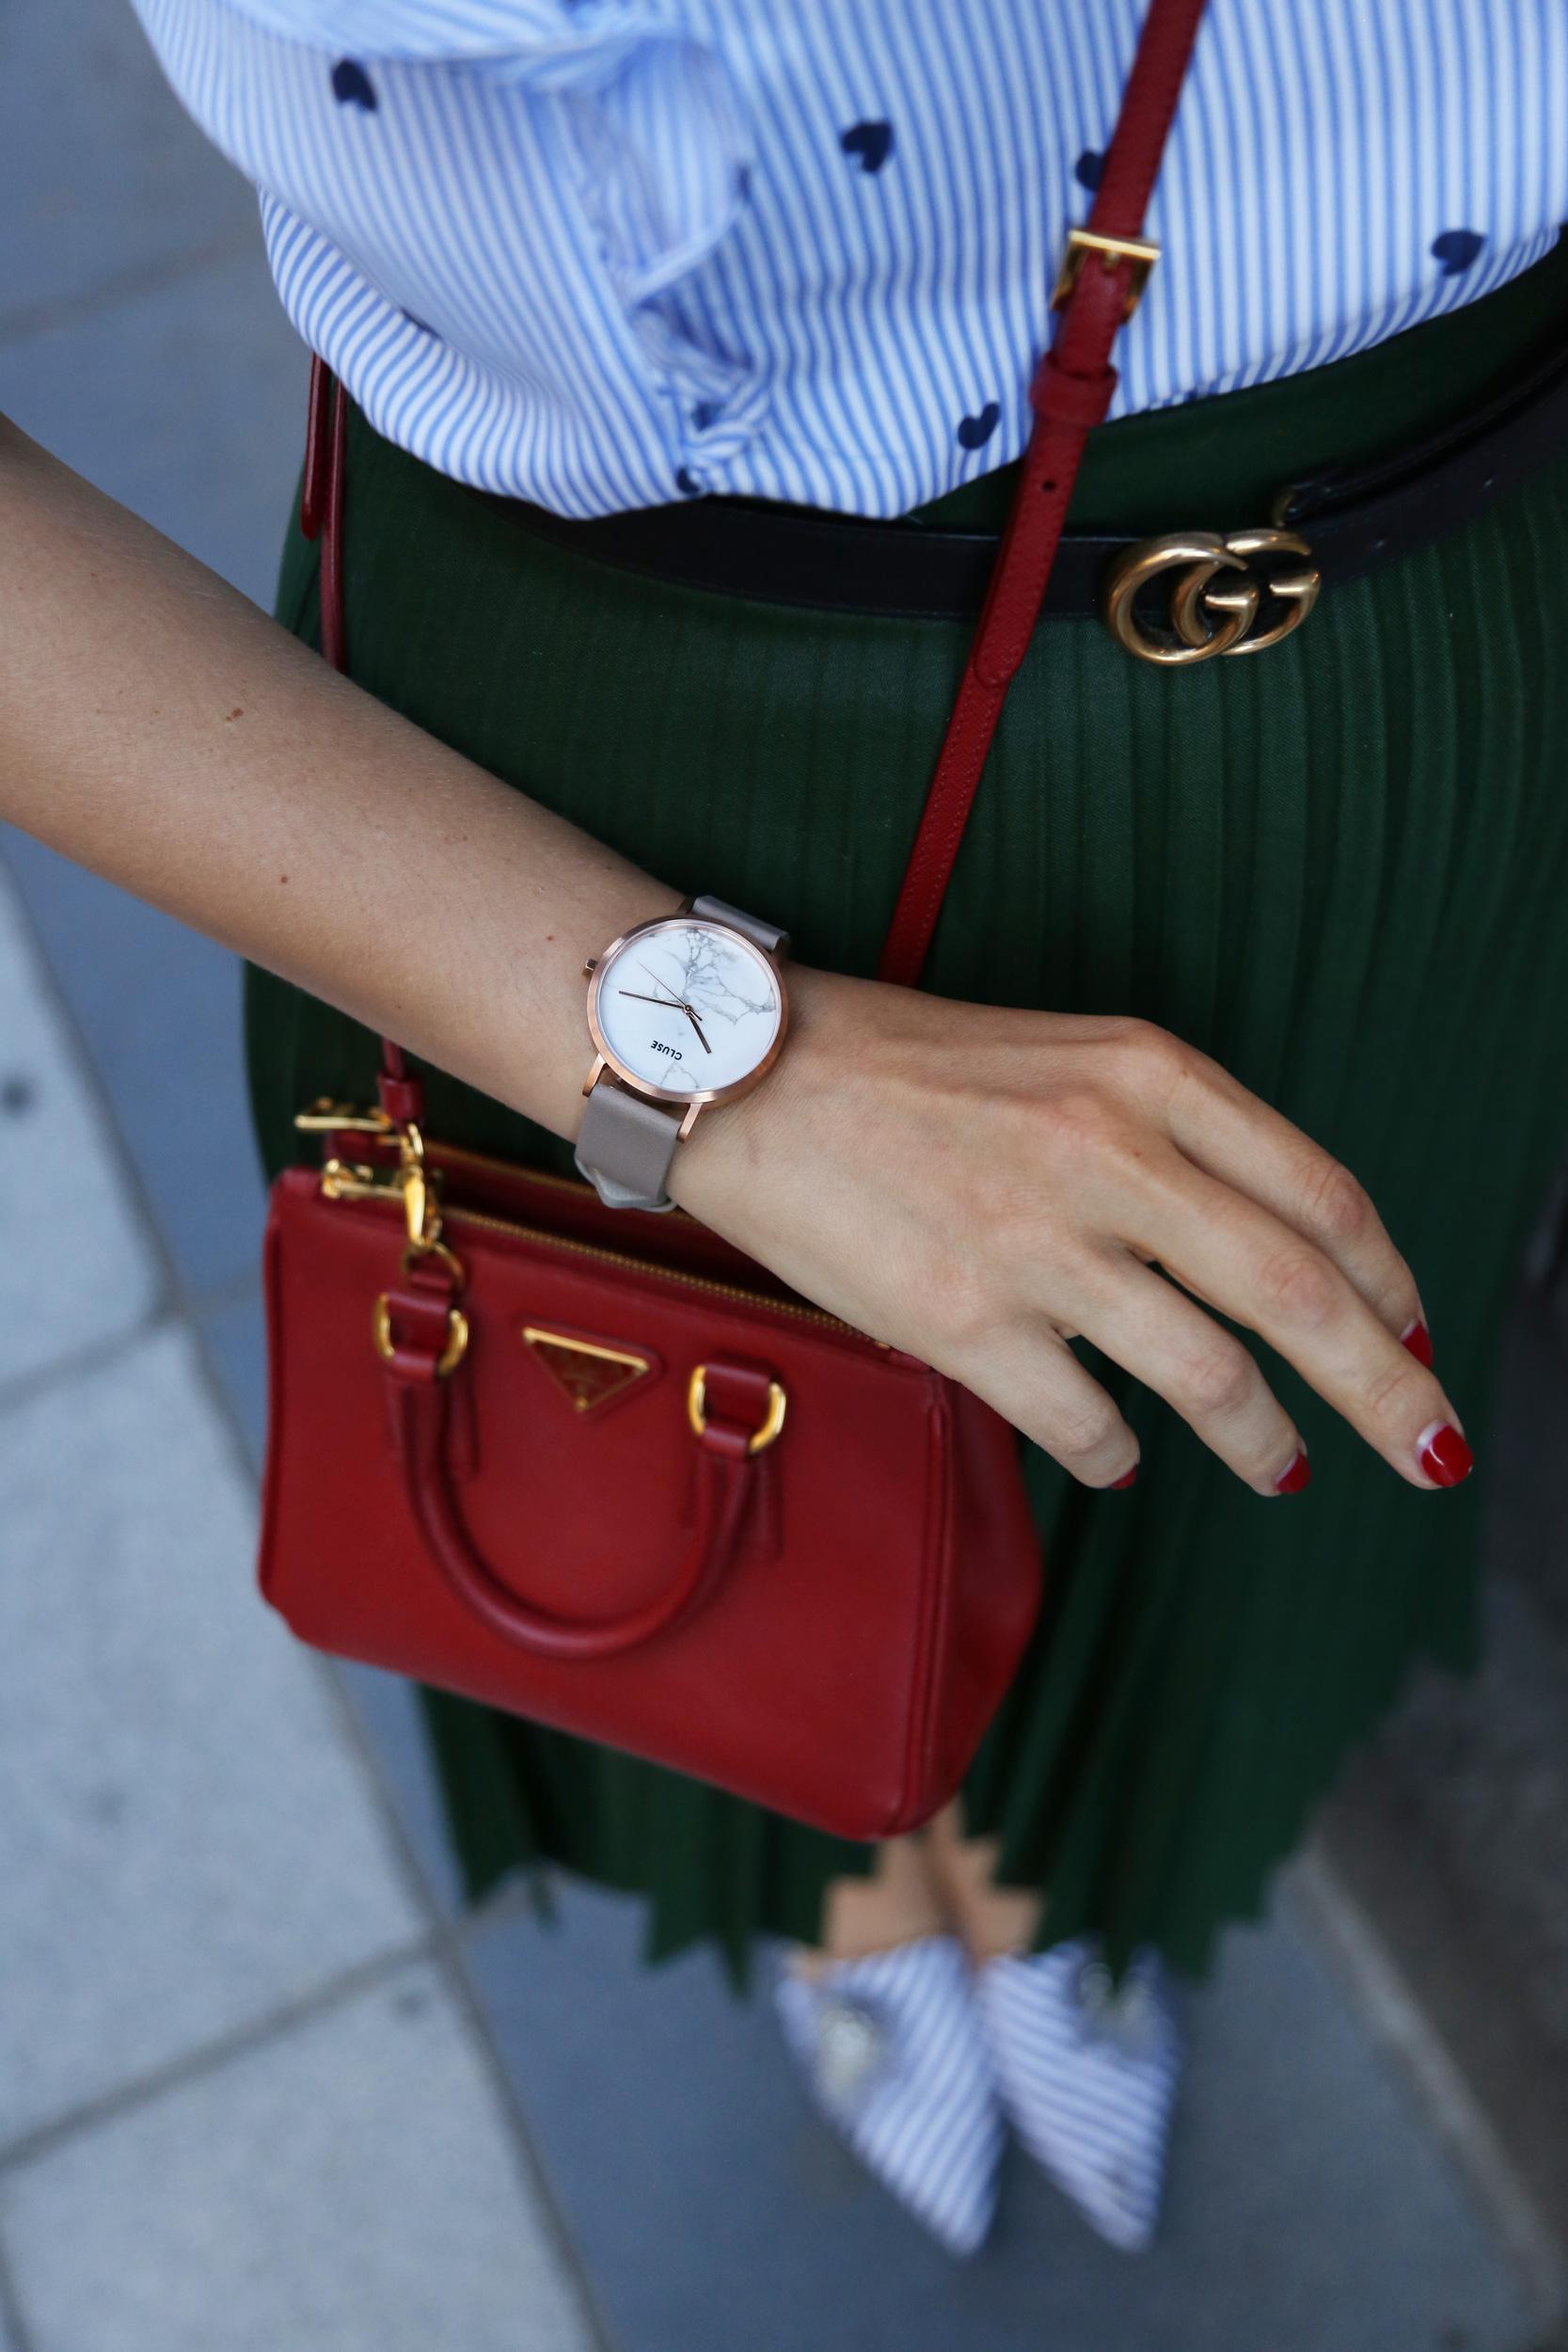 reloj cluse moda